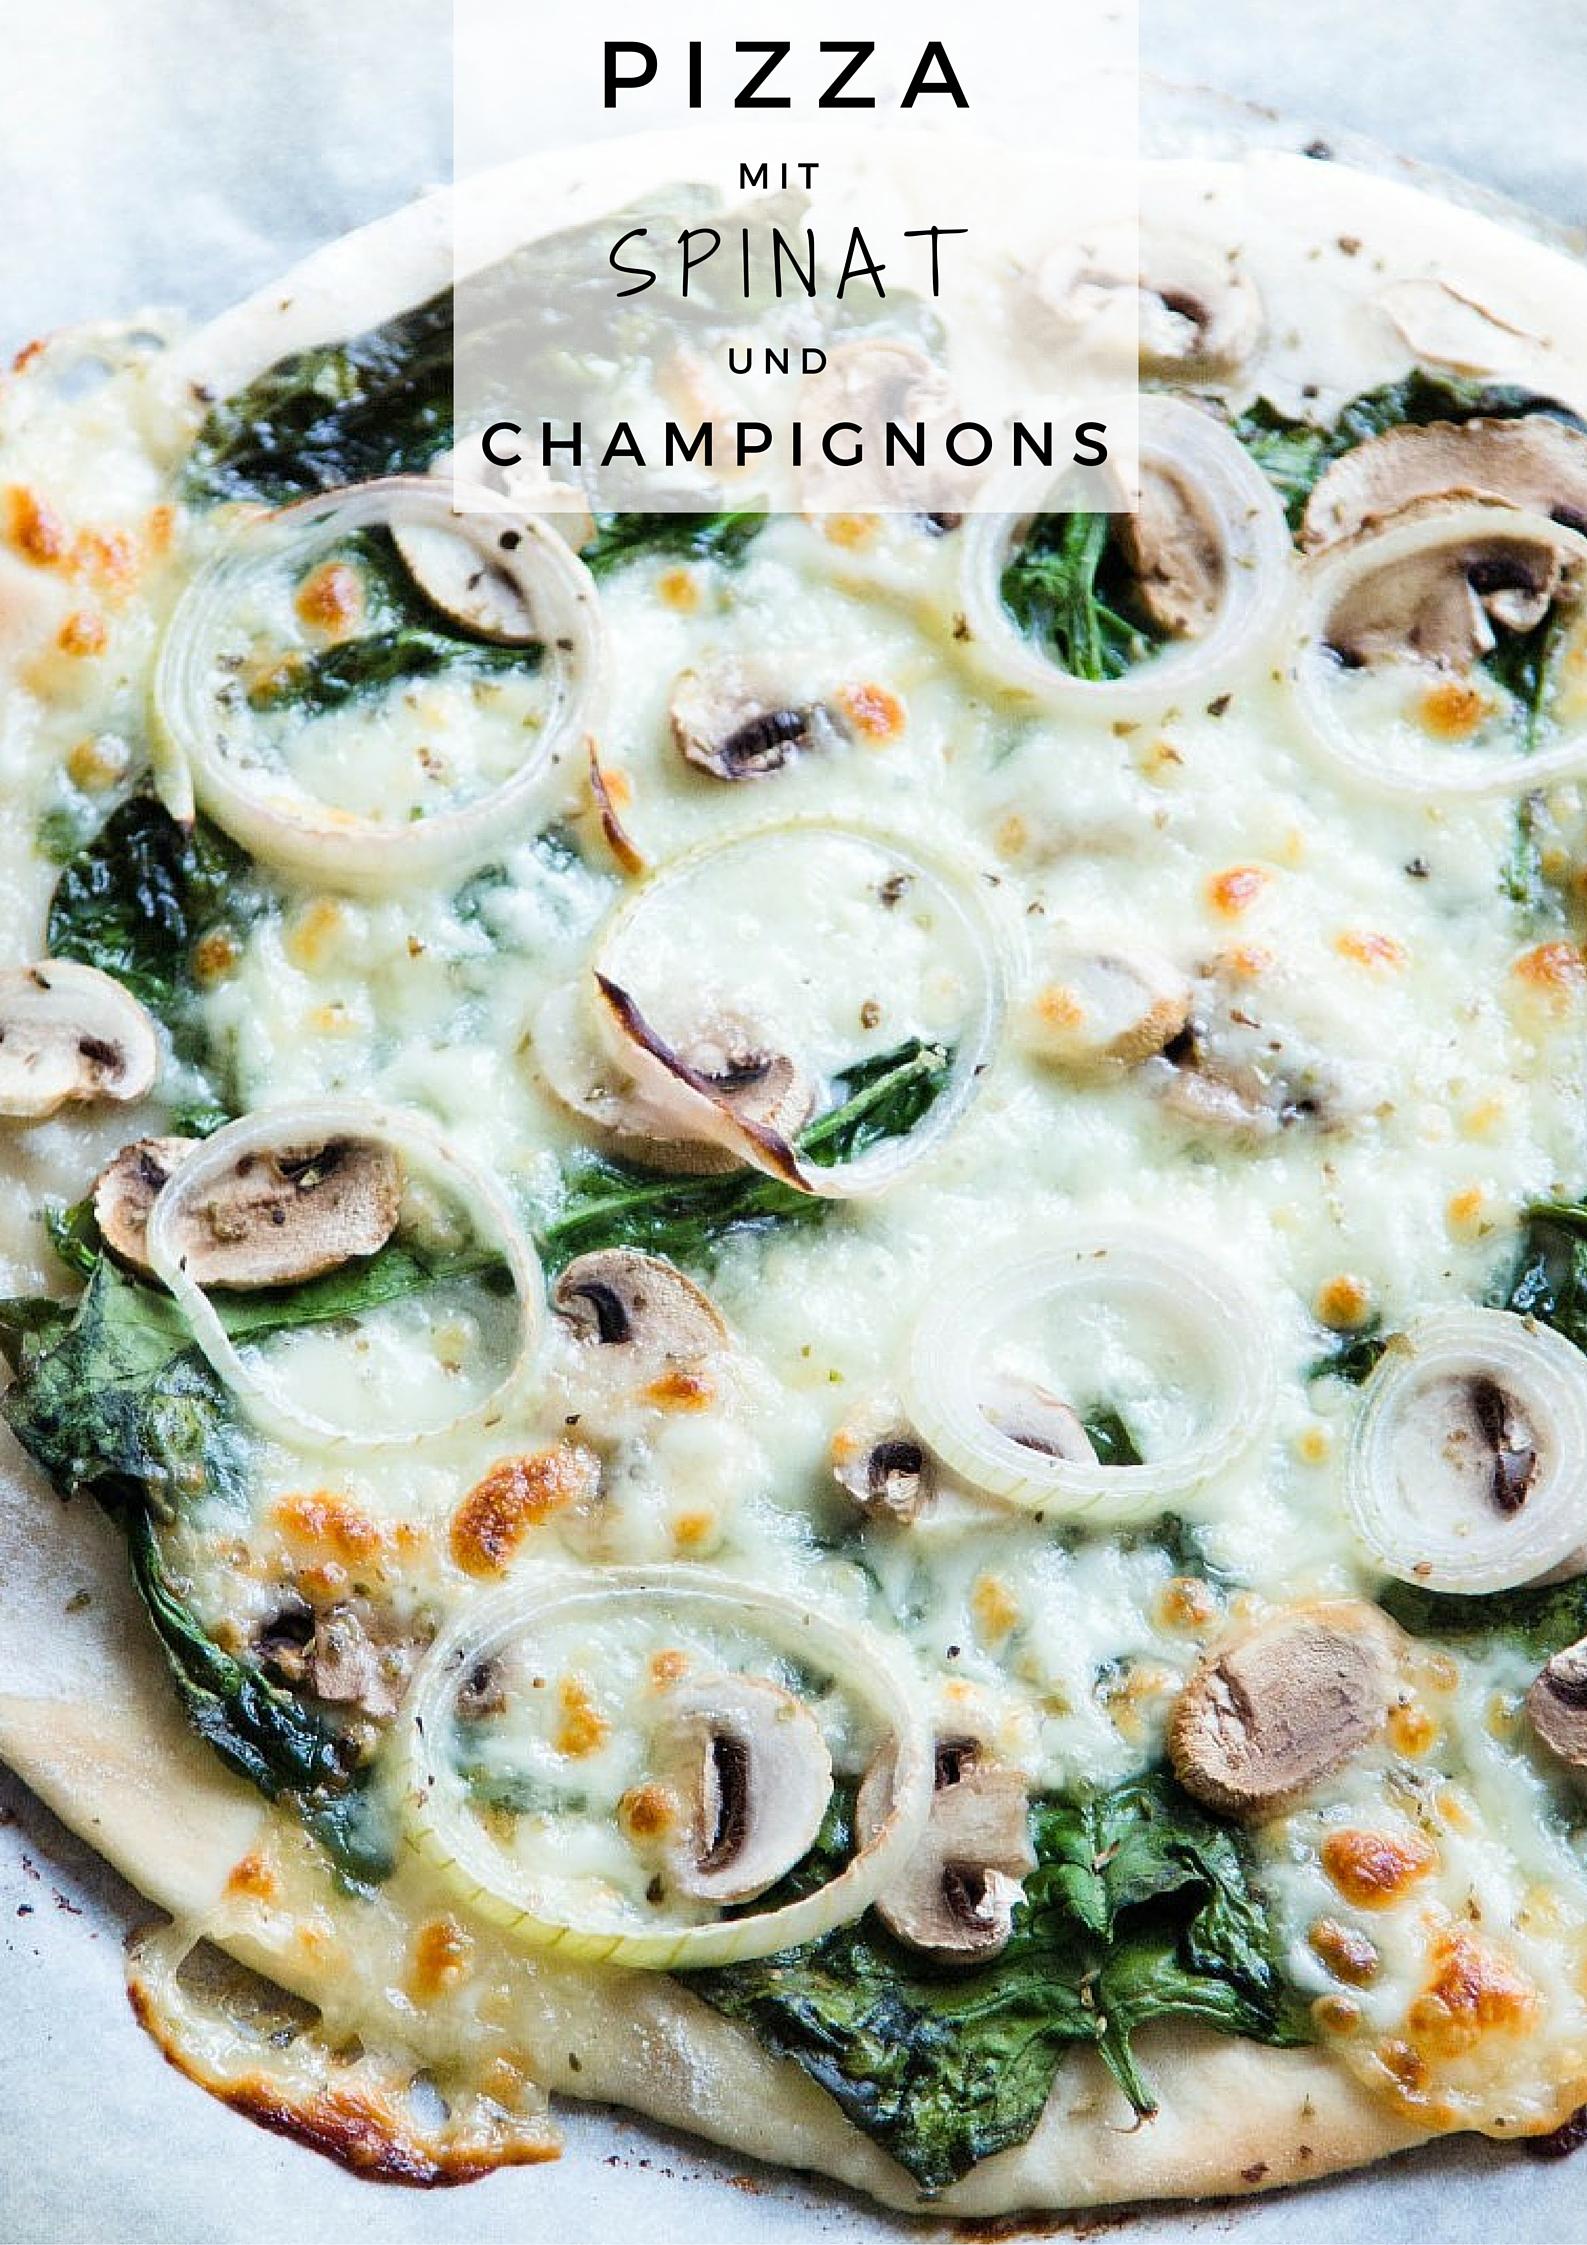 Pizza-mit-Spinat-und-Champignons-Zwiebeln-Rezept-13